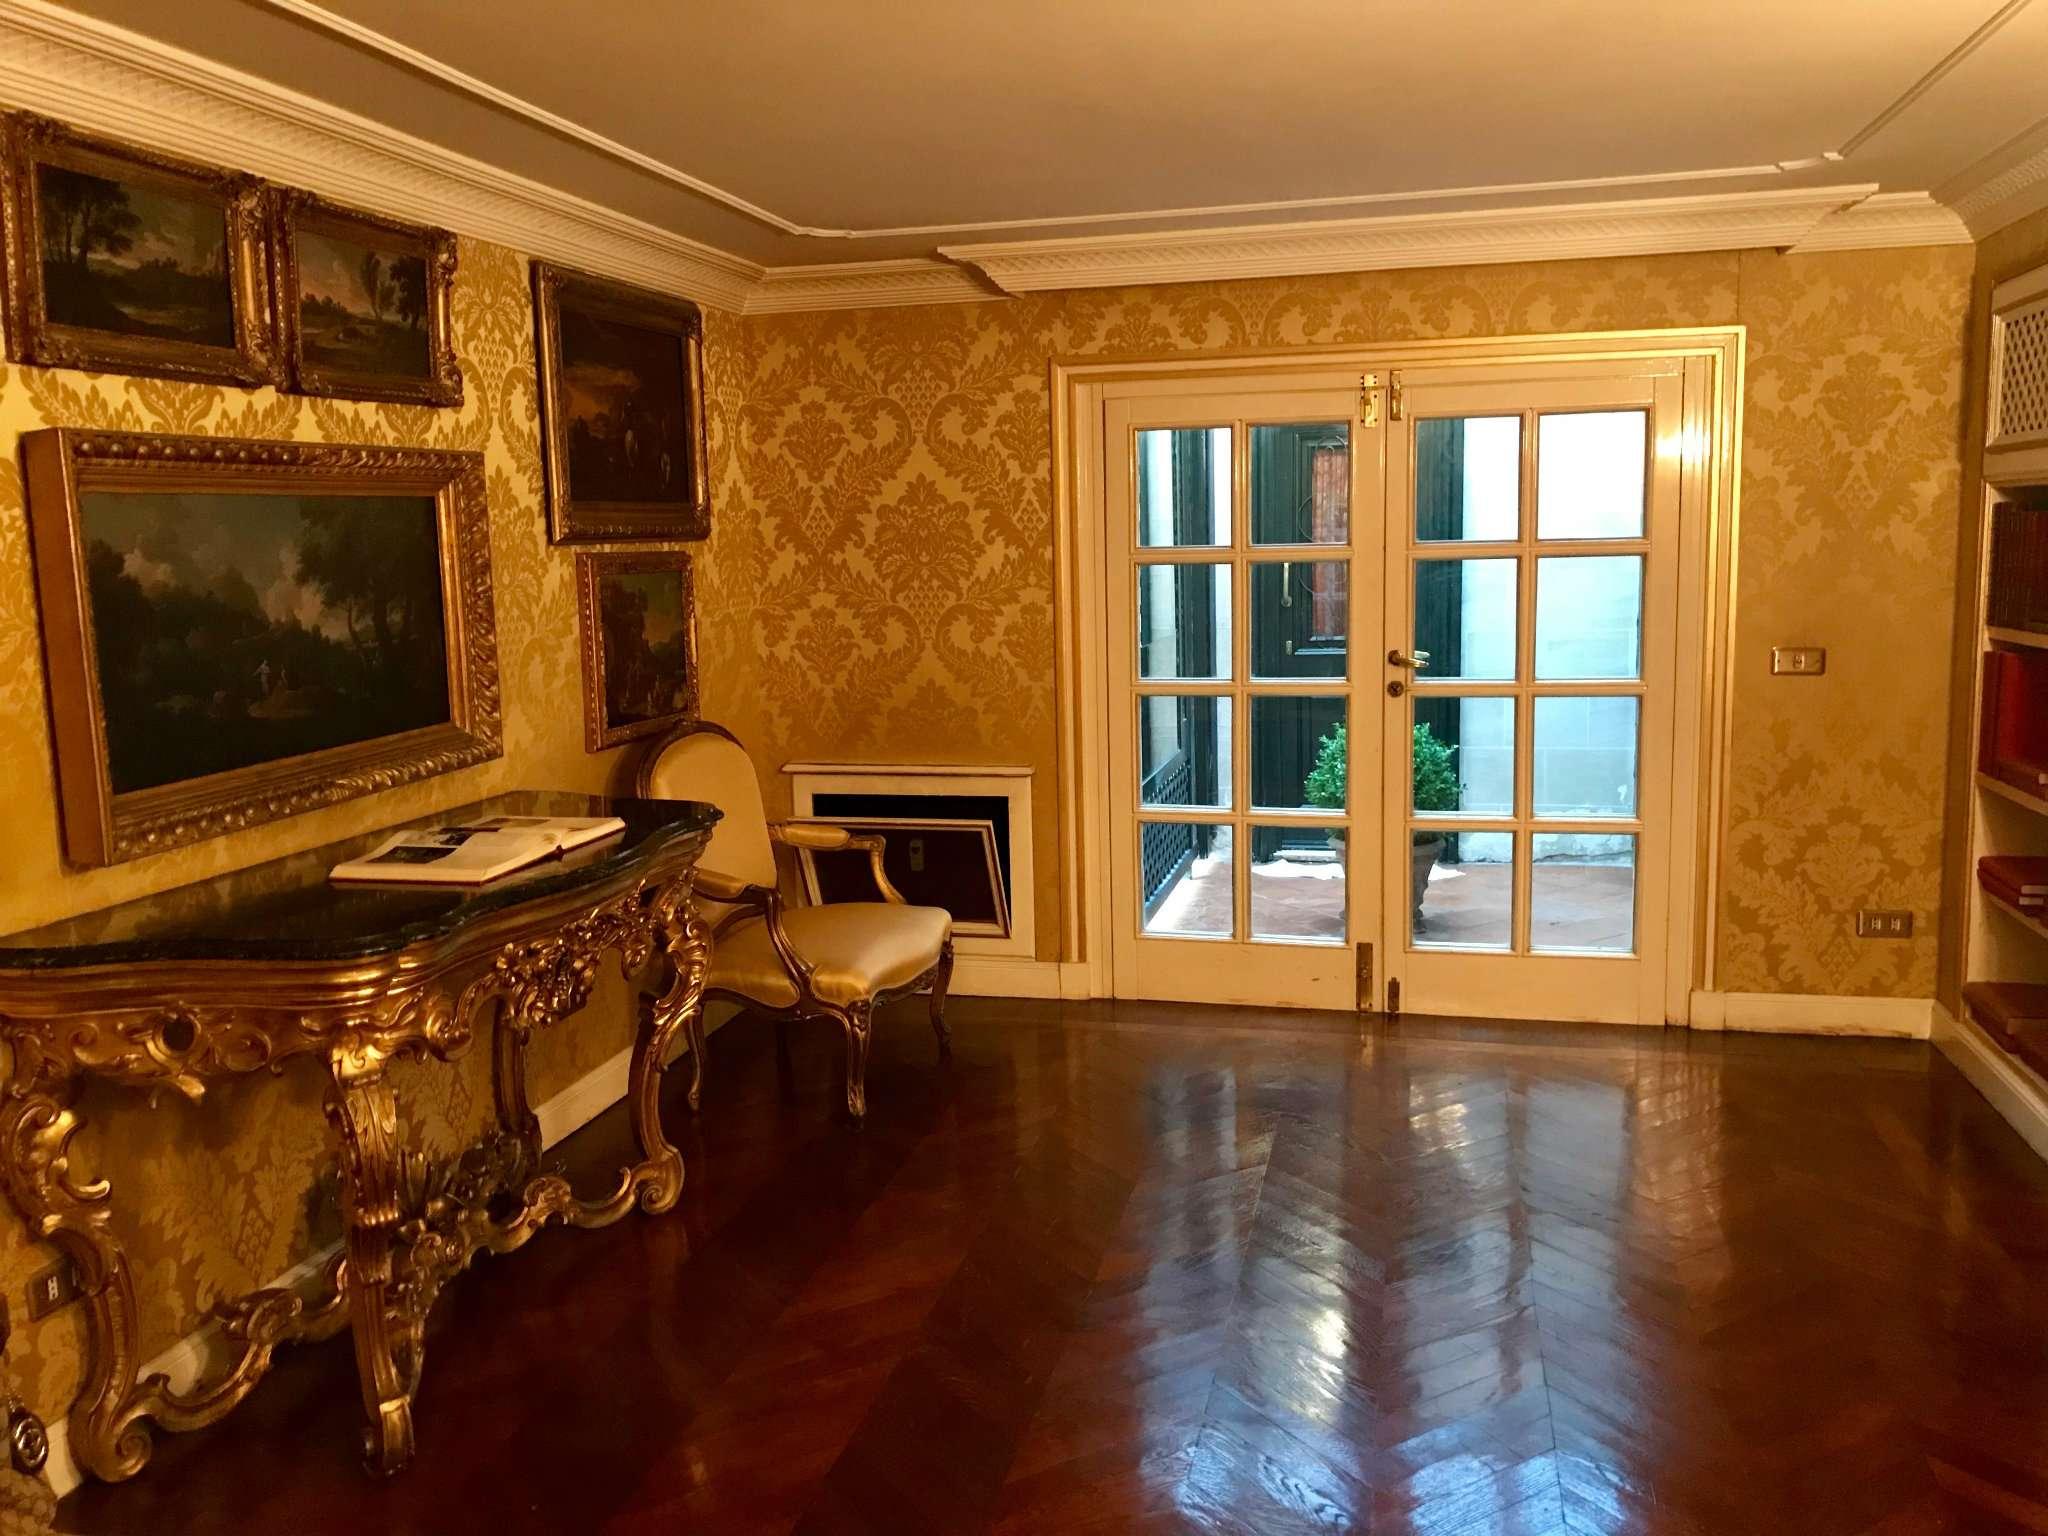 Appartamento in vendita a Roma, 7 locali, zona Zona: 2 . Flaminio, Parioli, Pinciano, Villa Borghese, Trattative riservate | CambioCasa.it